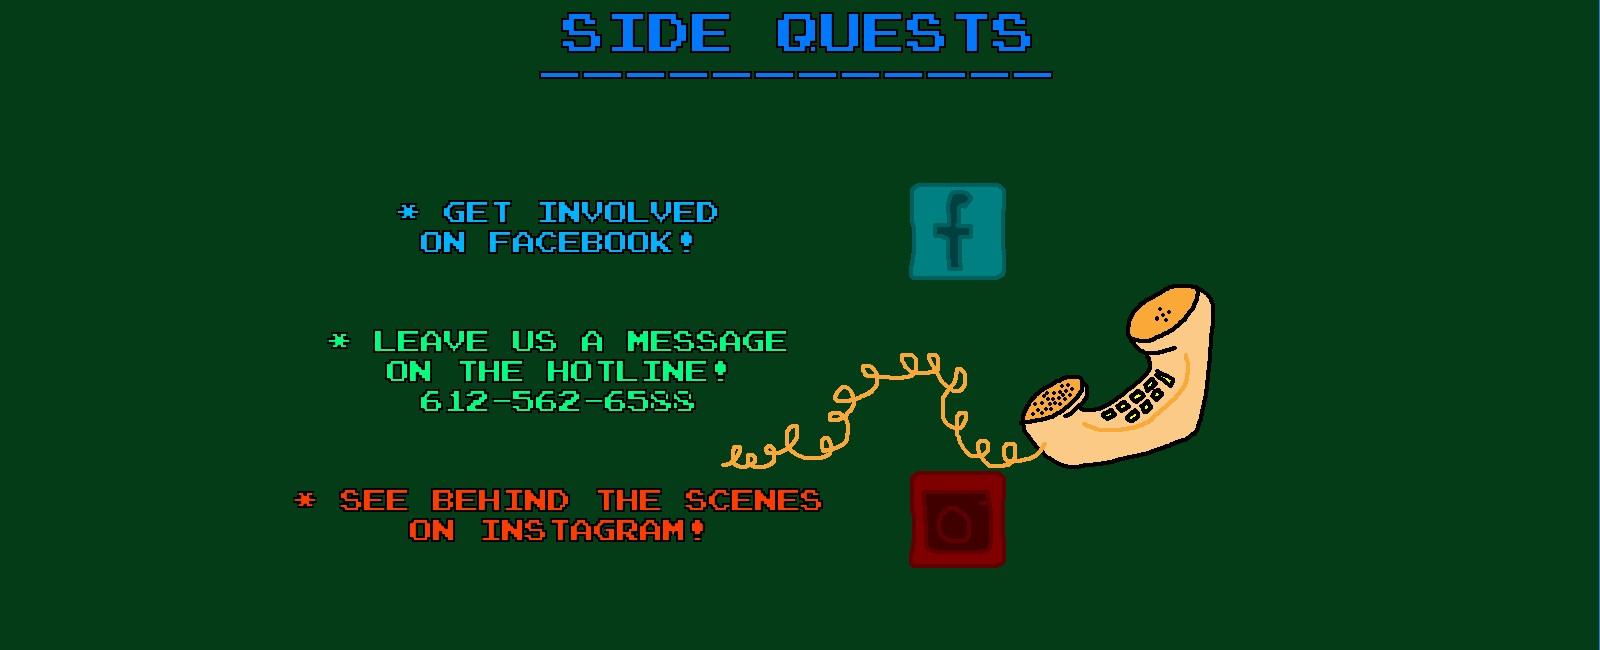 Side Quests.jpg